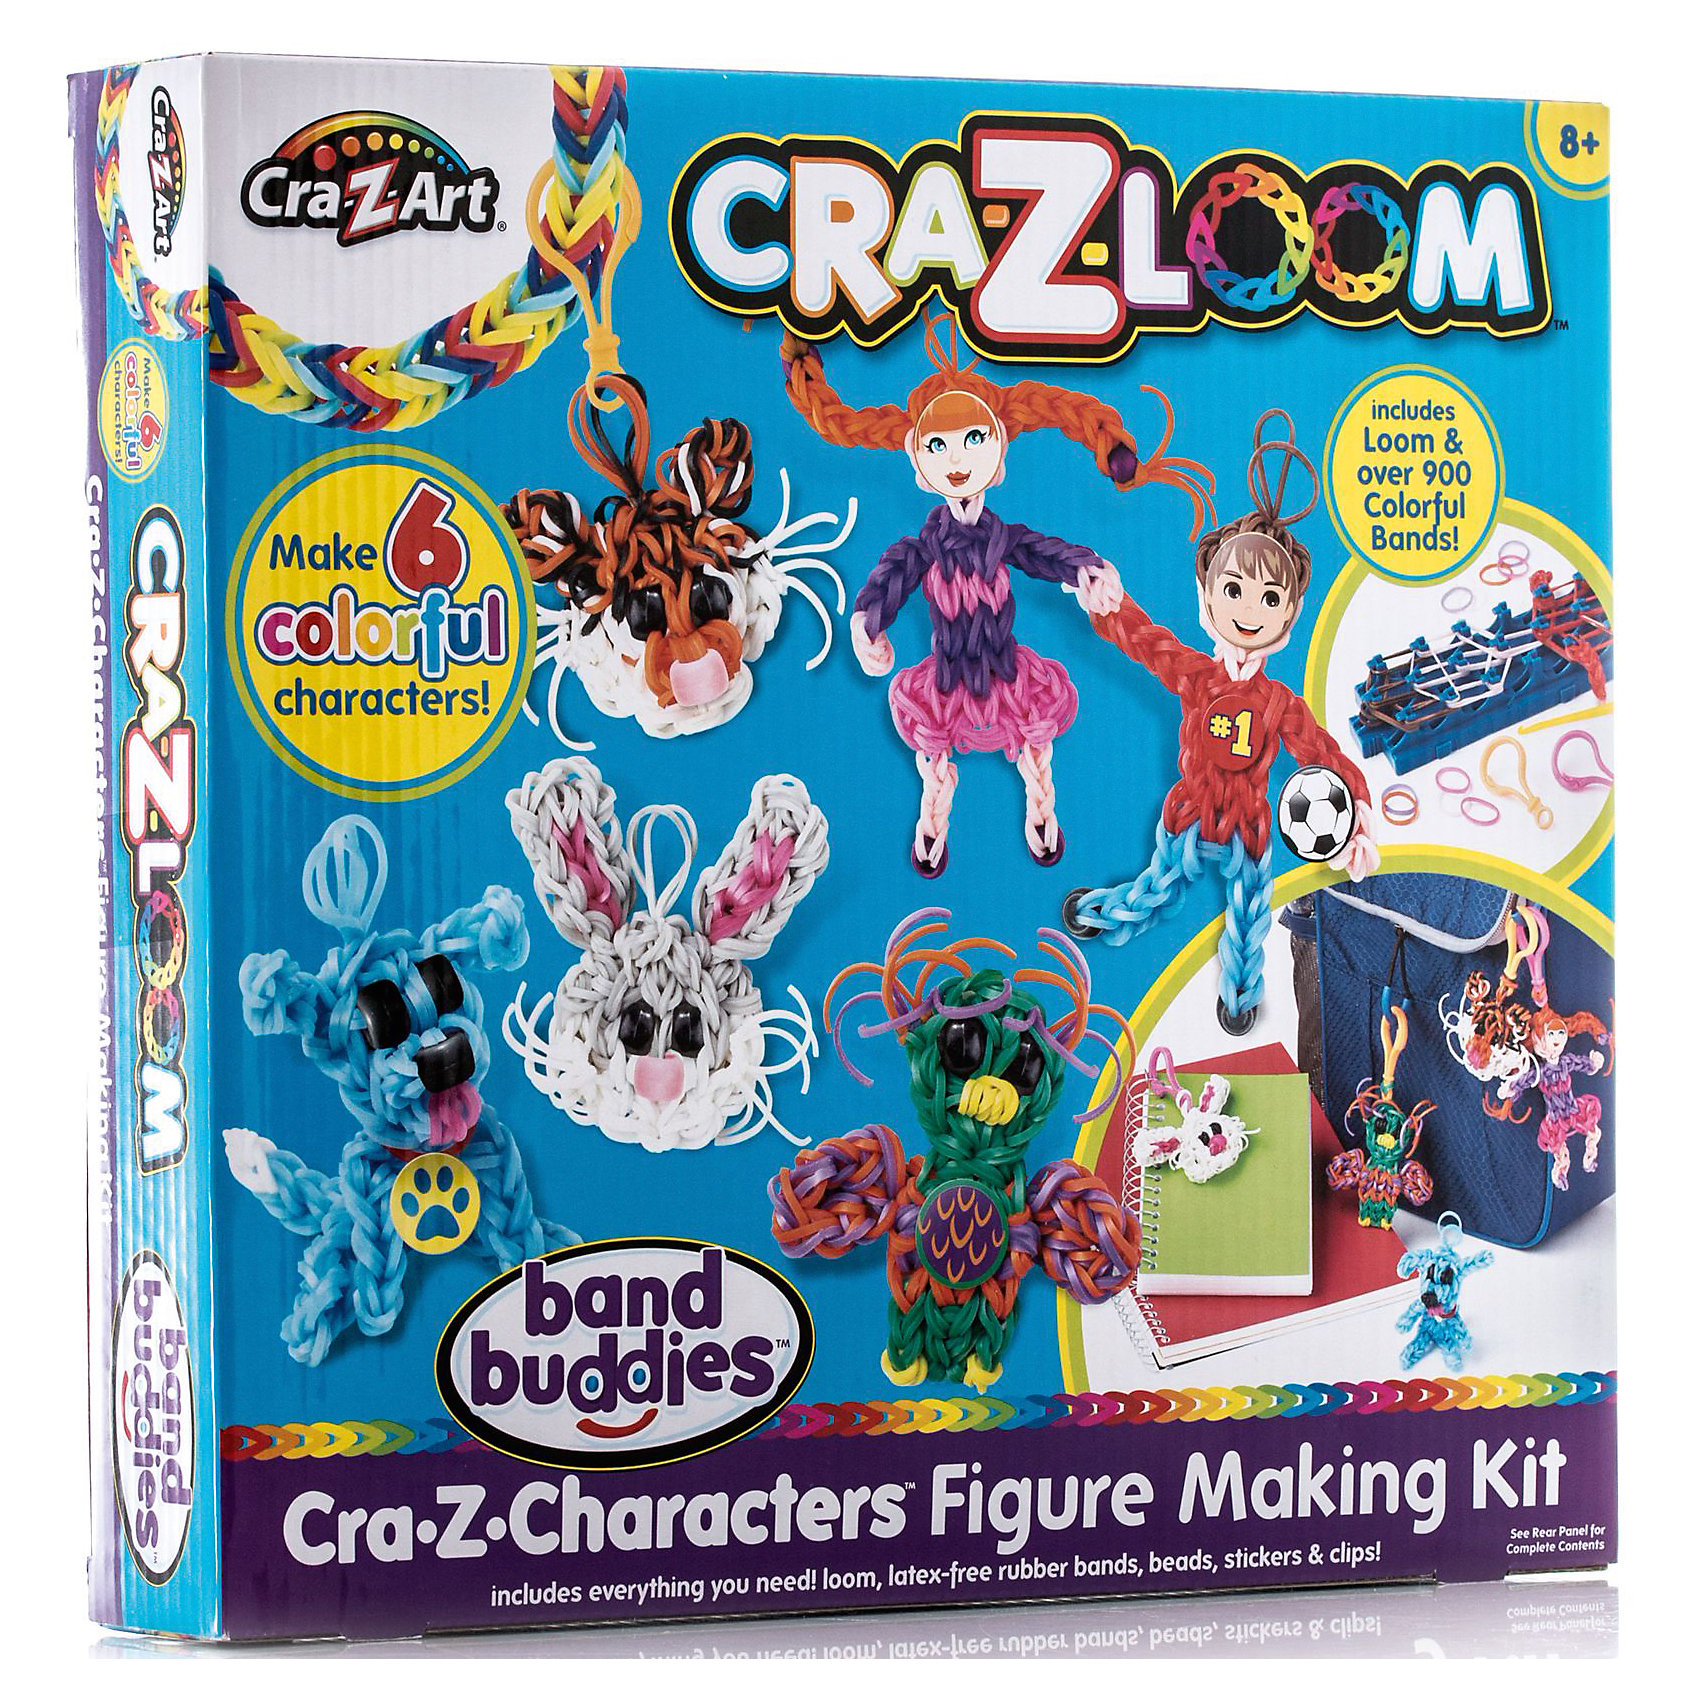 Crazy Loom Набор резиночек для плетения брелков, Cra-Z-Loom